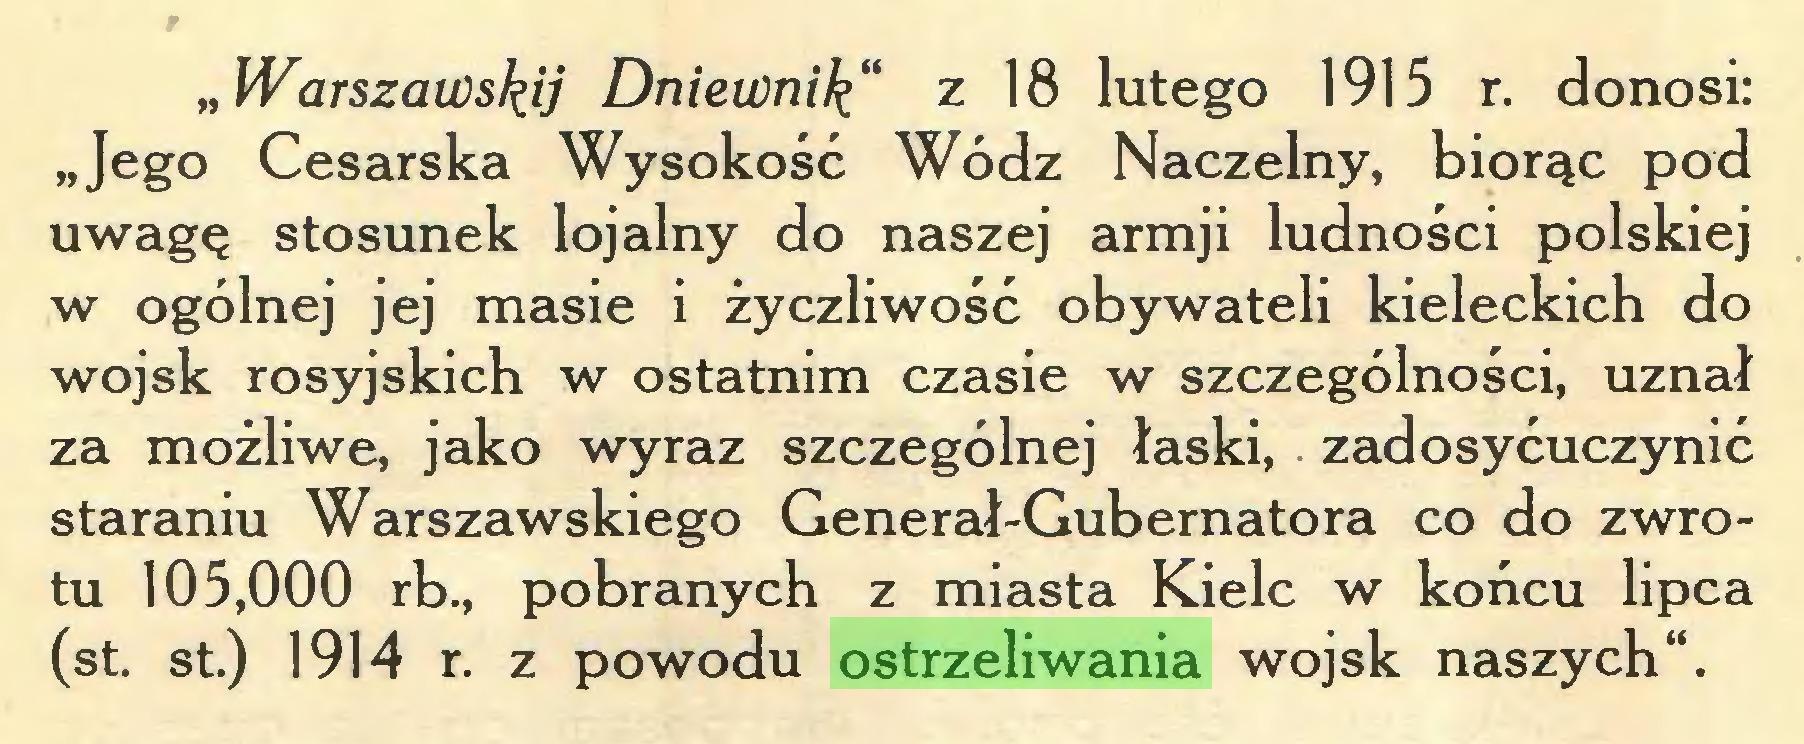 """(...) """"Warszawskij Dniewnik"""" z 18 lutego 1915 r. donosi: """"Jego Cesarska Wysokość Wódz Naczelny, biorąc pod uwagę stosunek lojalny do naszej armji ludności polskiej w ogólnej jej masie i życzliwość obywateli kieleckich do wojsk rosyjskich w ostatnim czasie w szczególności, uznał za możliwe, jako wyraz szczególnej łaski, zadosyćuczynić staraniu Warszawskiego Generał-Gubernatora co do zwrotu 105,000 rb., pobranych z miasta Kielc w końcu lipca (st. st.) 1914 r. z powodu ostrzeliwania wojsk naszych""""..."""